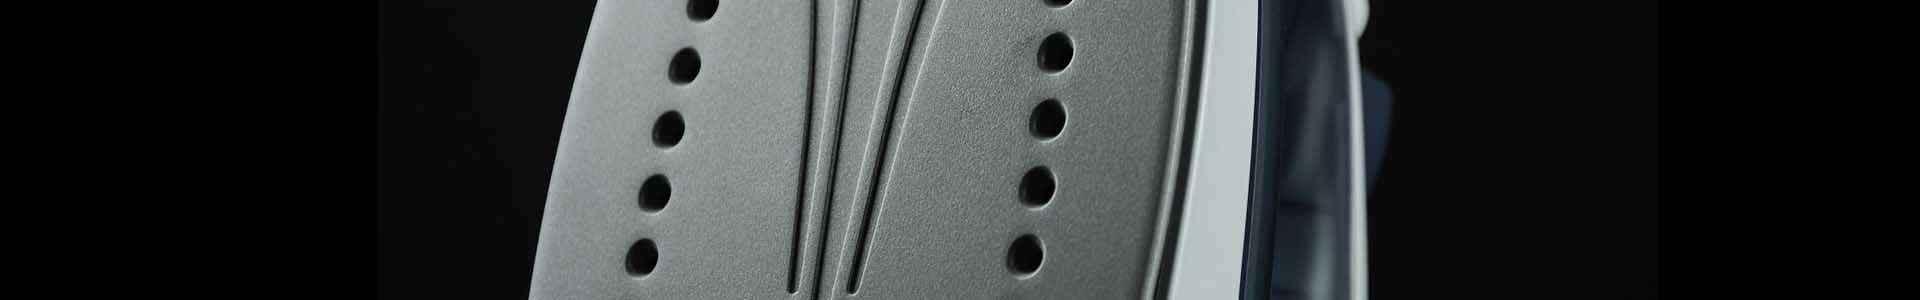 Ersatzteile für schulen und bügelservice dampf